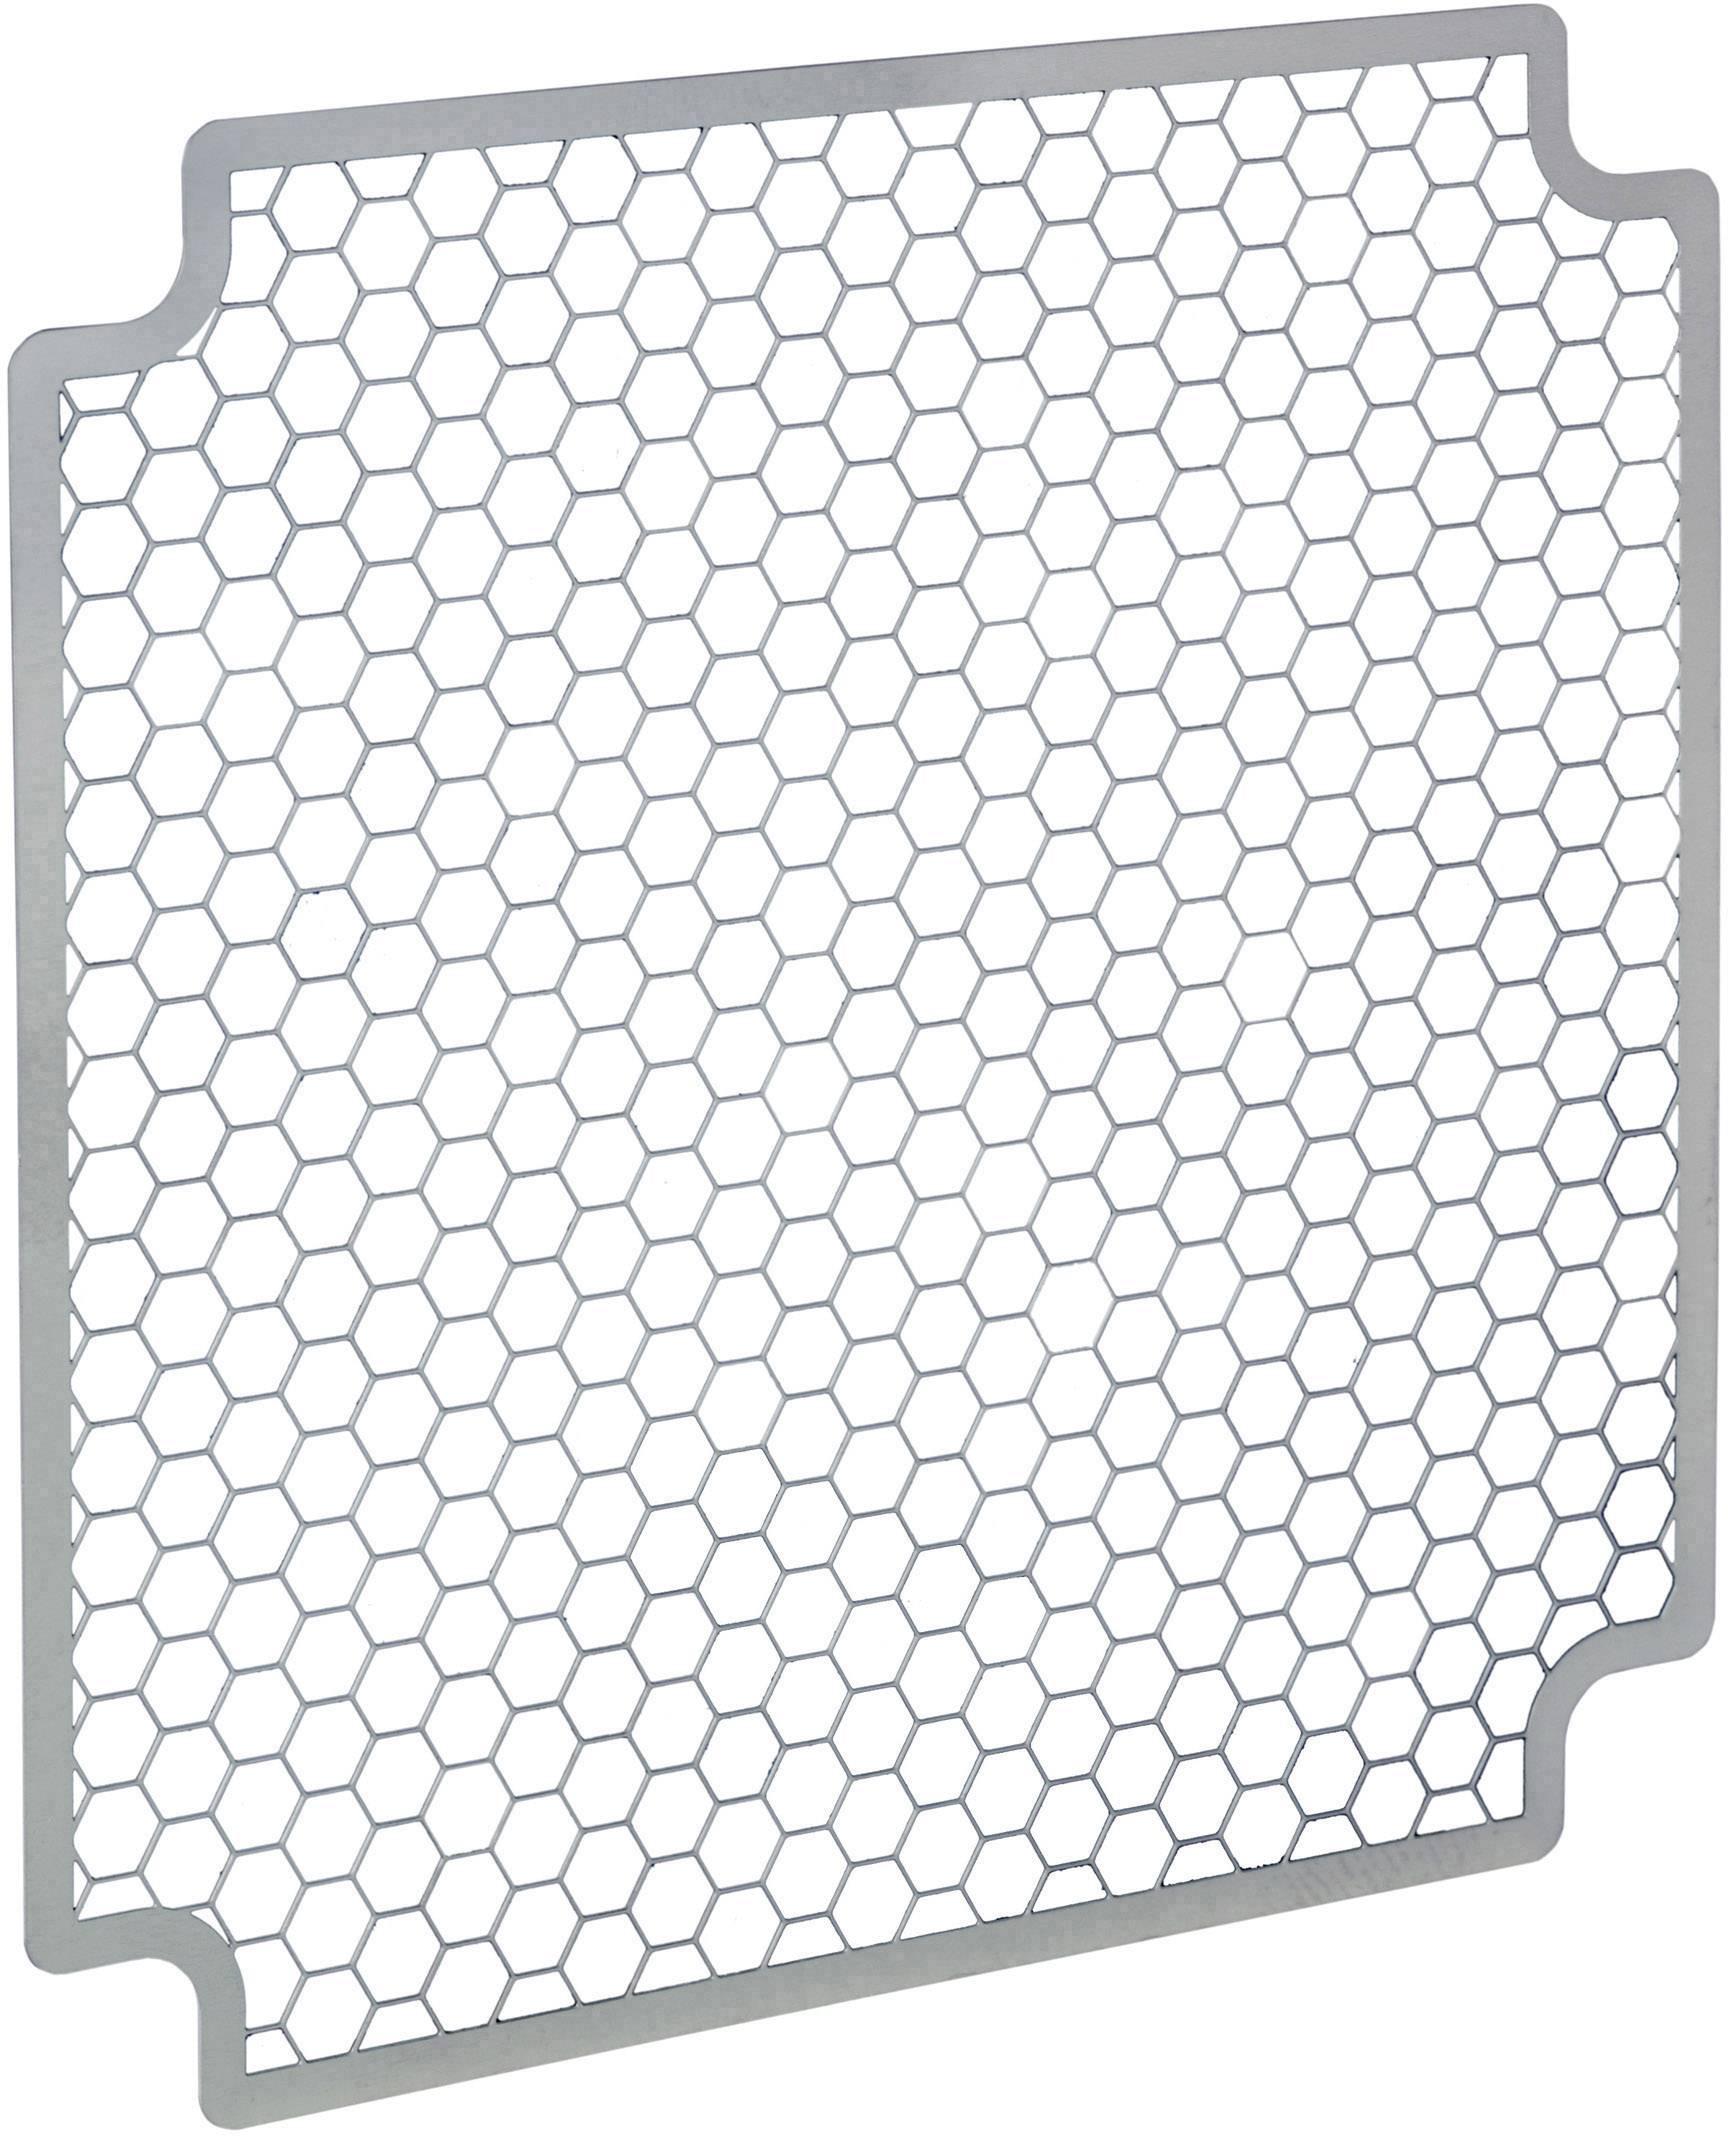 EMC stínicí mřížka SEPA;936010301, (š x v x h) 62 x 0.5 x 62 mm, 1 ks, nerezová ocel